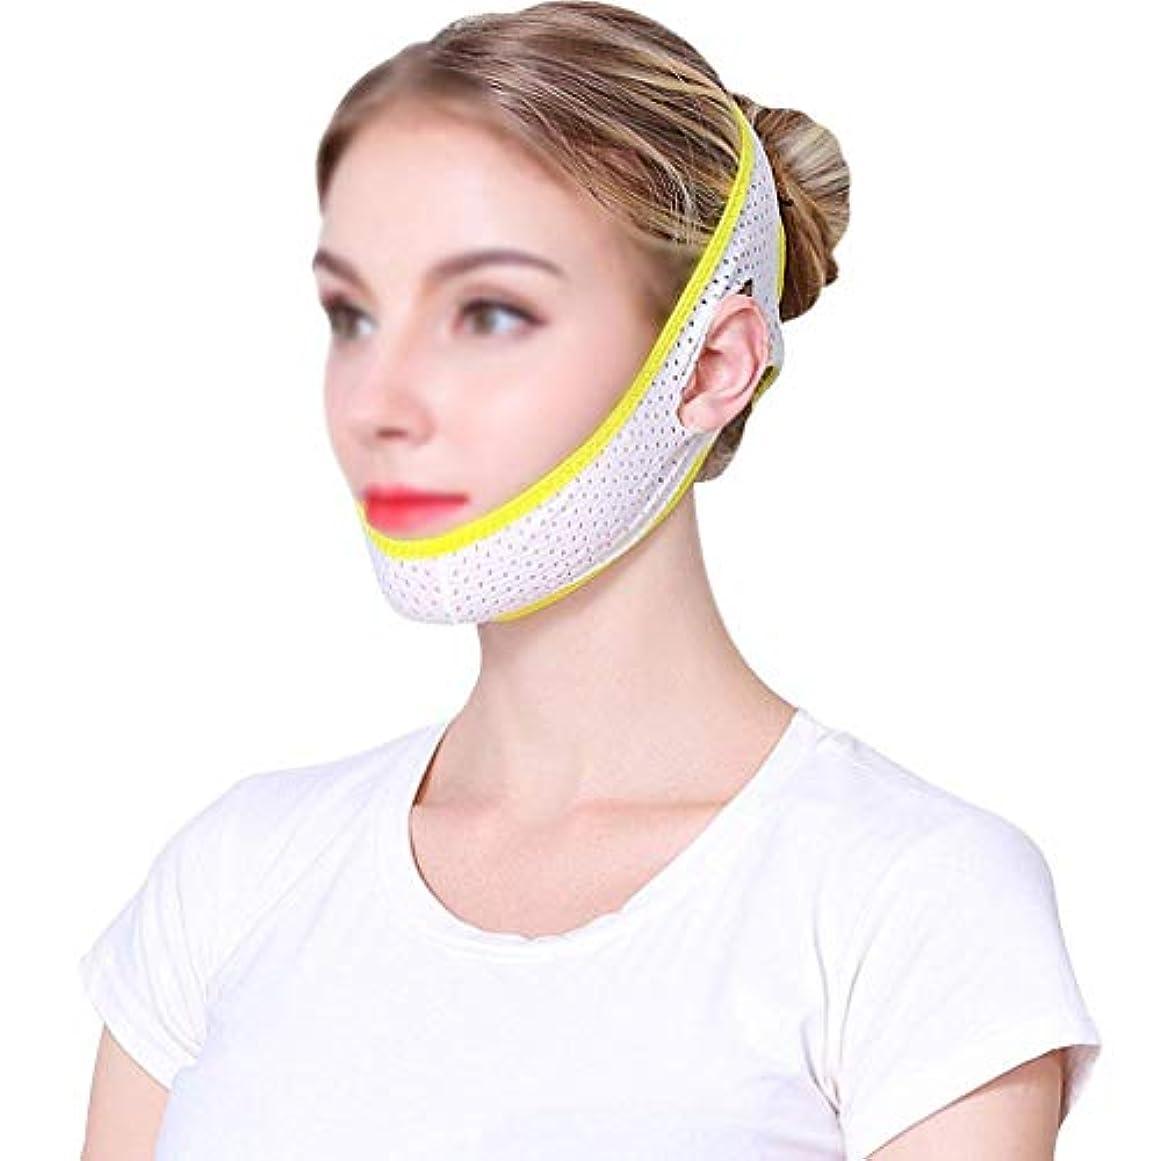 多用途読者浴室マスク、包帯、整形外科の夏の通気性の薄いセクション二重あごひものVの表面の薄いフェイスマスクを持ち上げて下さい